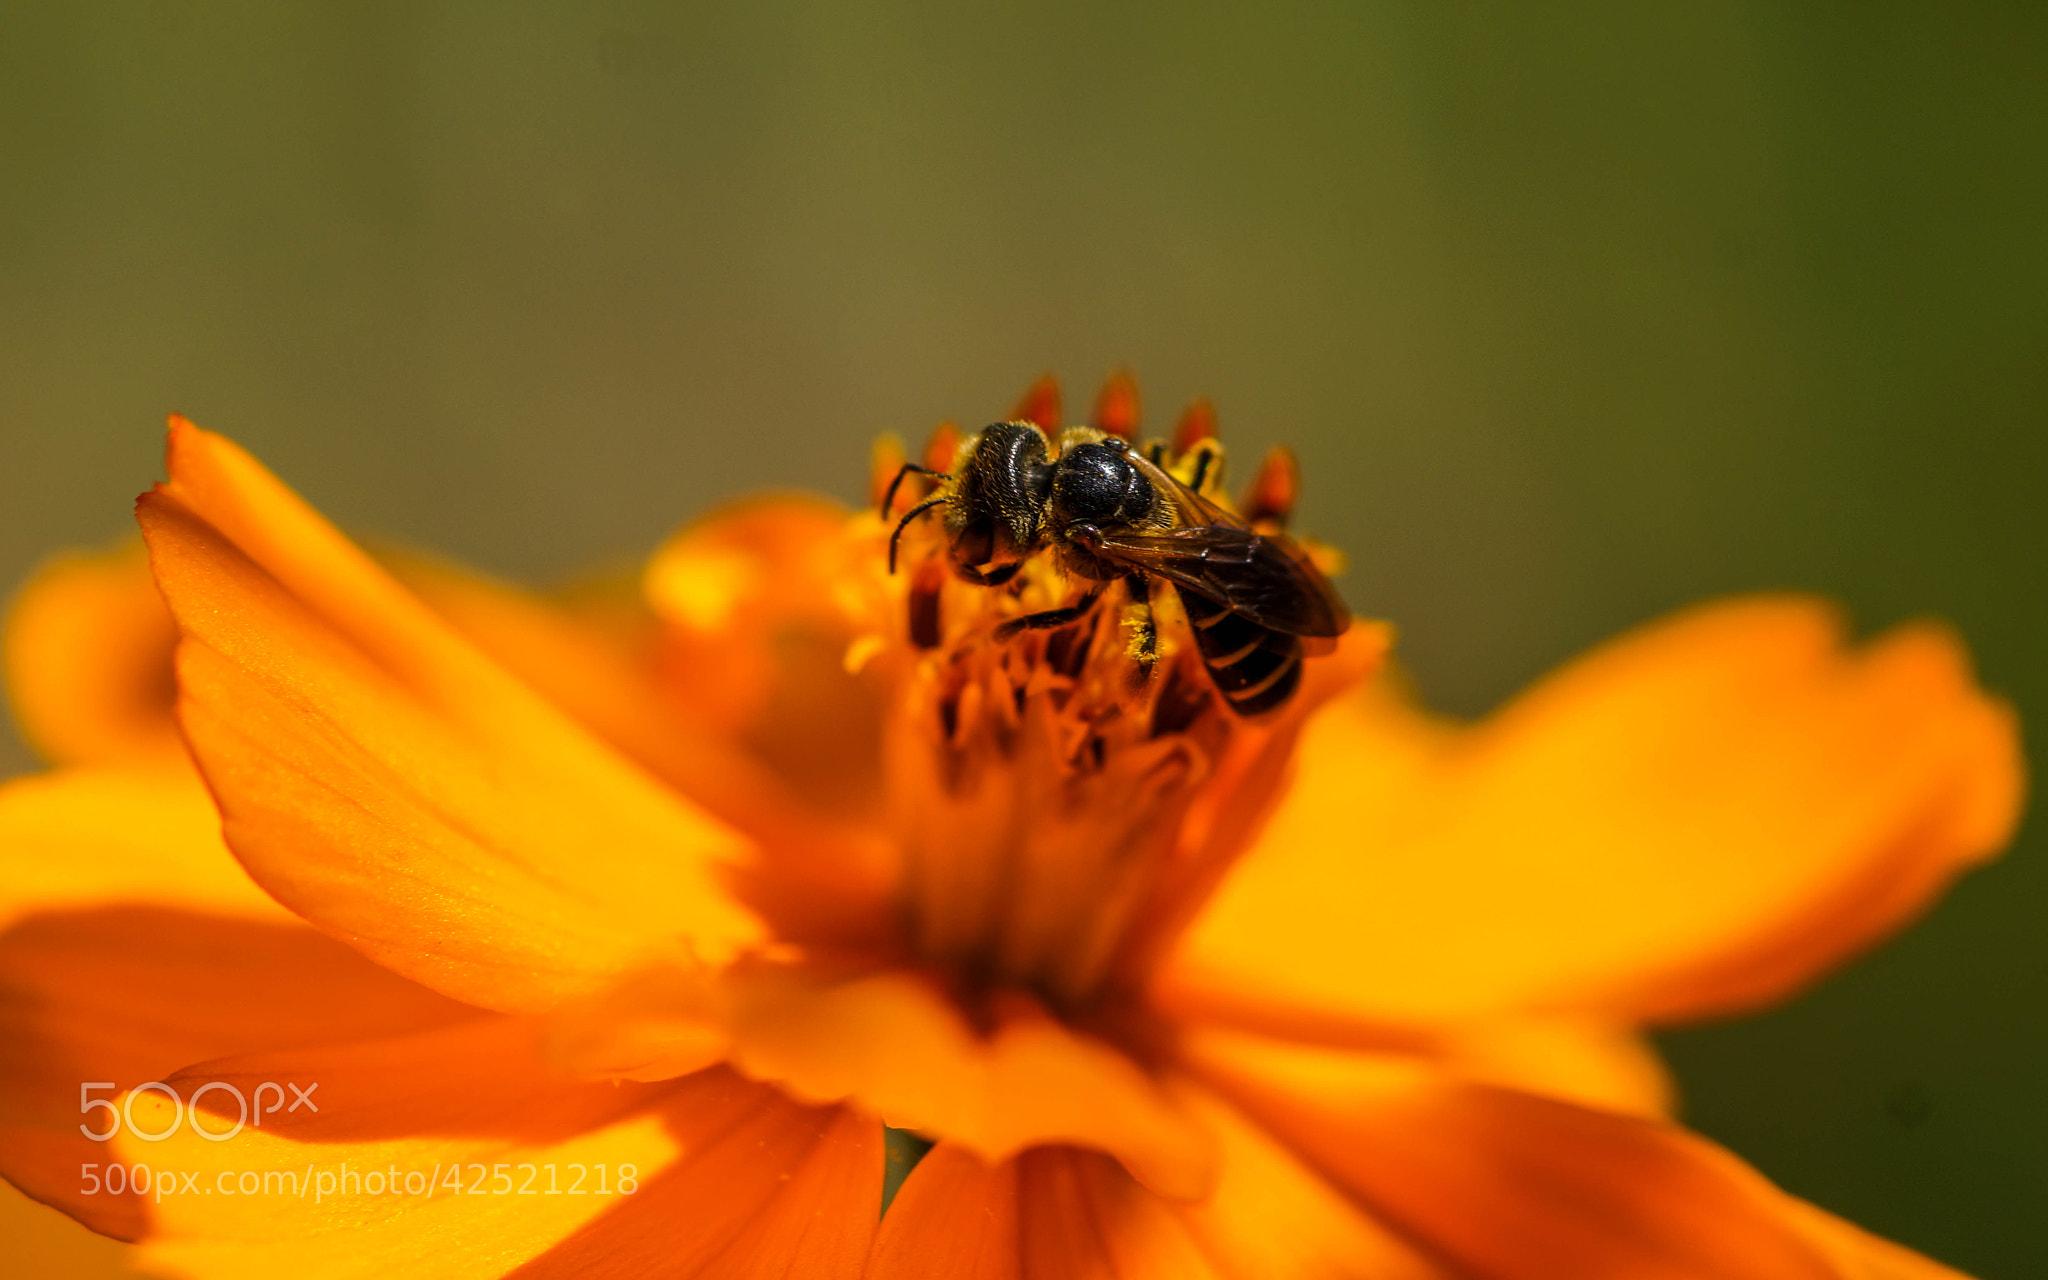 Photograph Orange Petals by Alyssa Paraggio on 500px